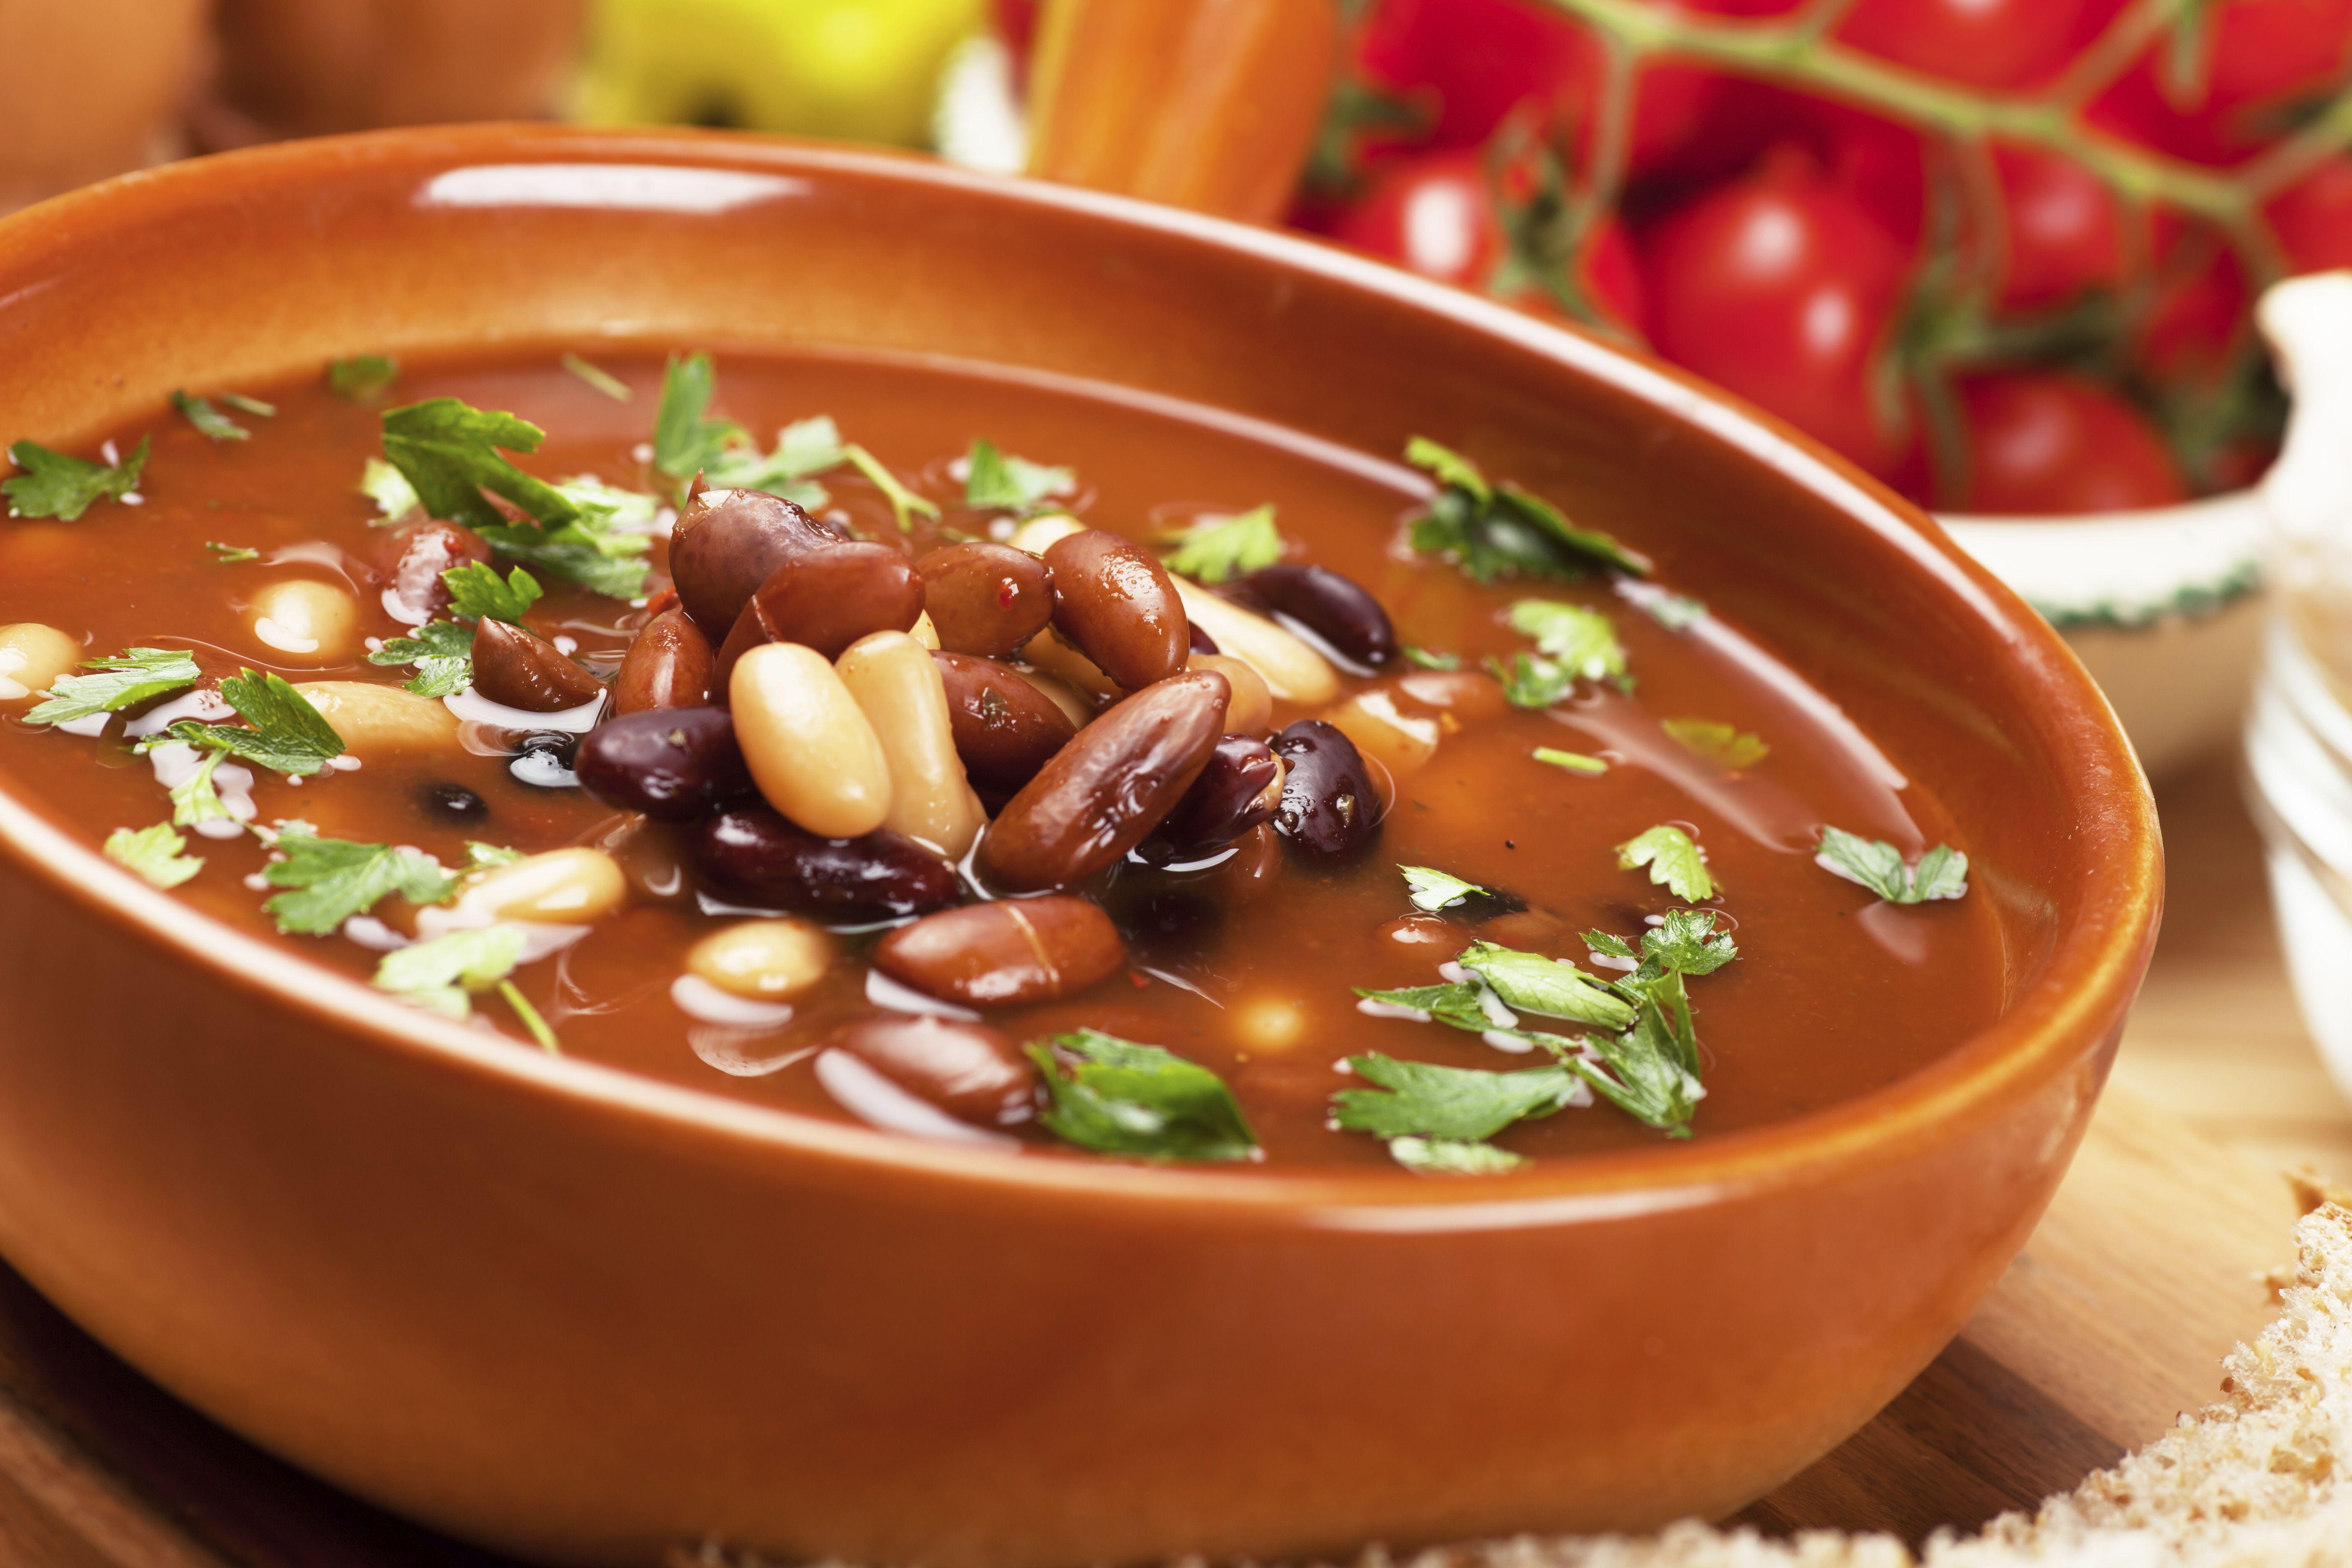 """Retrouvez la photo """"Soupe aux haricots"""" dans notre diaporama intitulé """"10 choses à faire avec une boite de haricots rouges"""" sur 750g."""